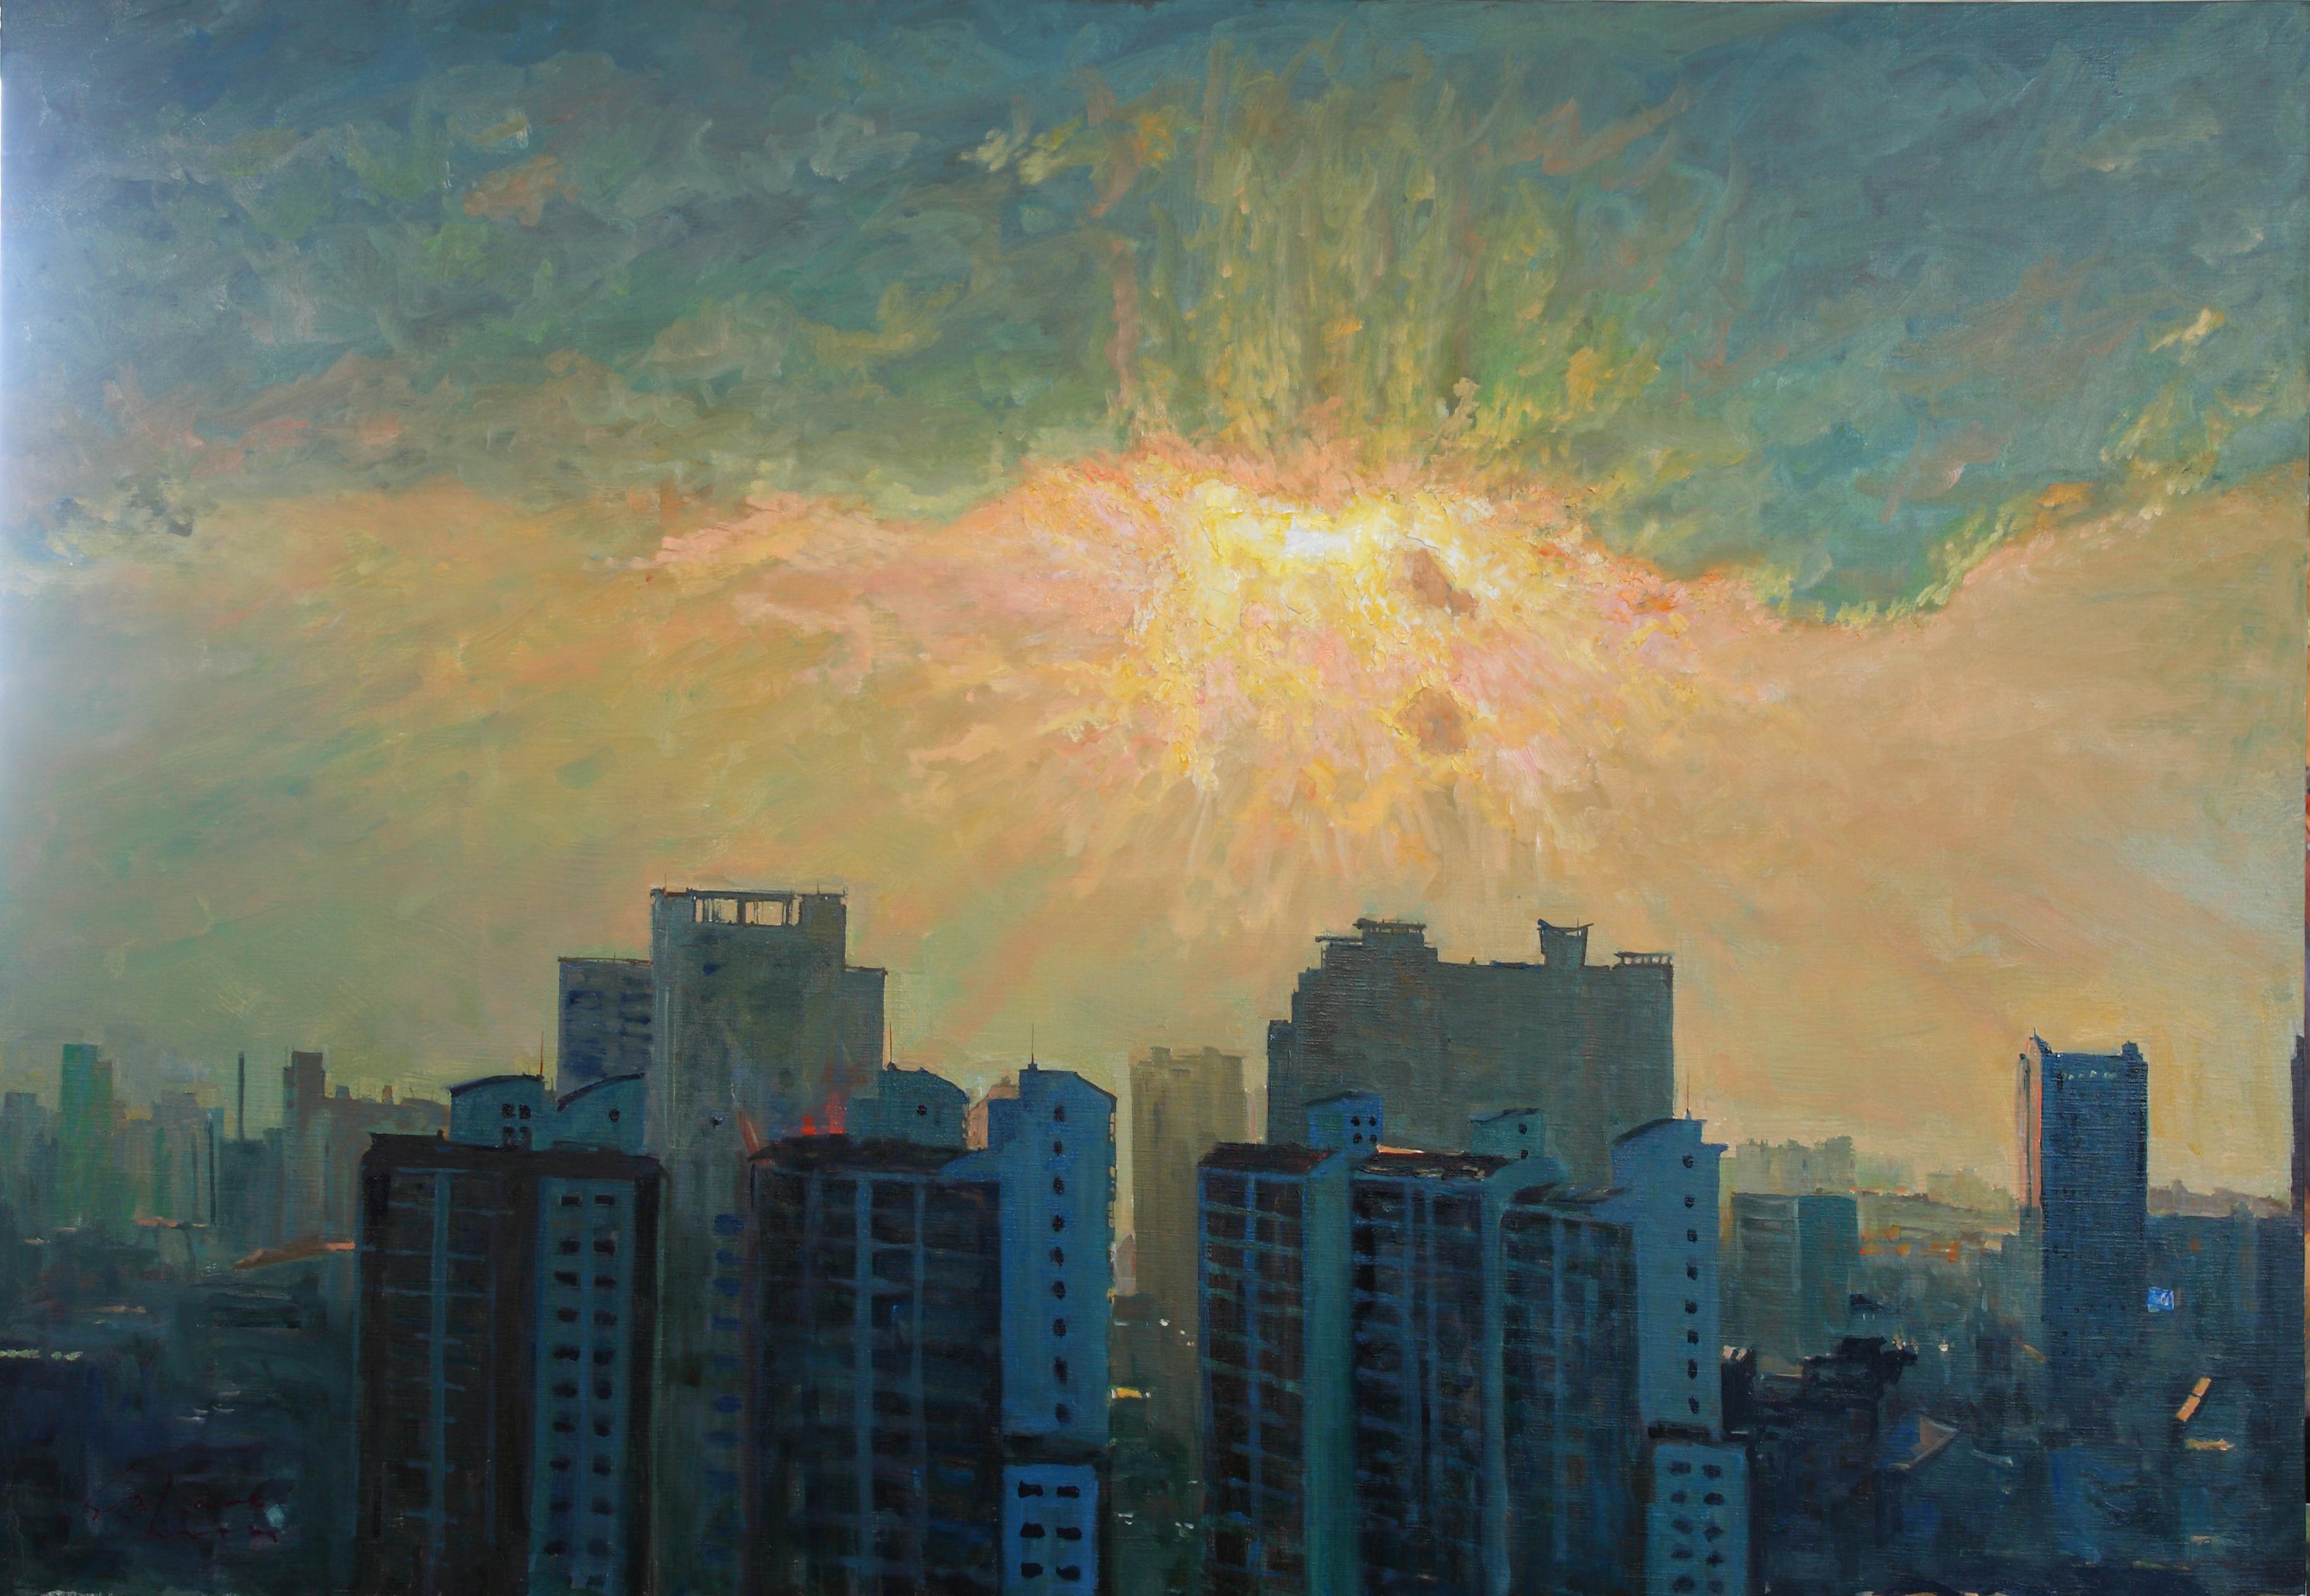 빛의 도시 162.2 x112.1  Oil on canvas 2010